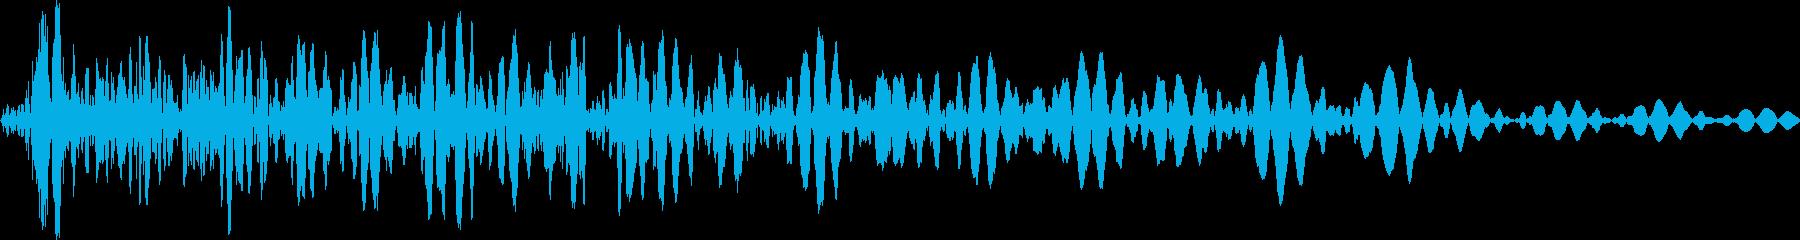 ドウン(ロボット エンジンoff 選択)の再生済みの波形